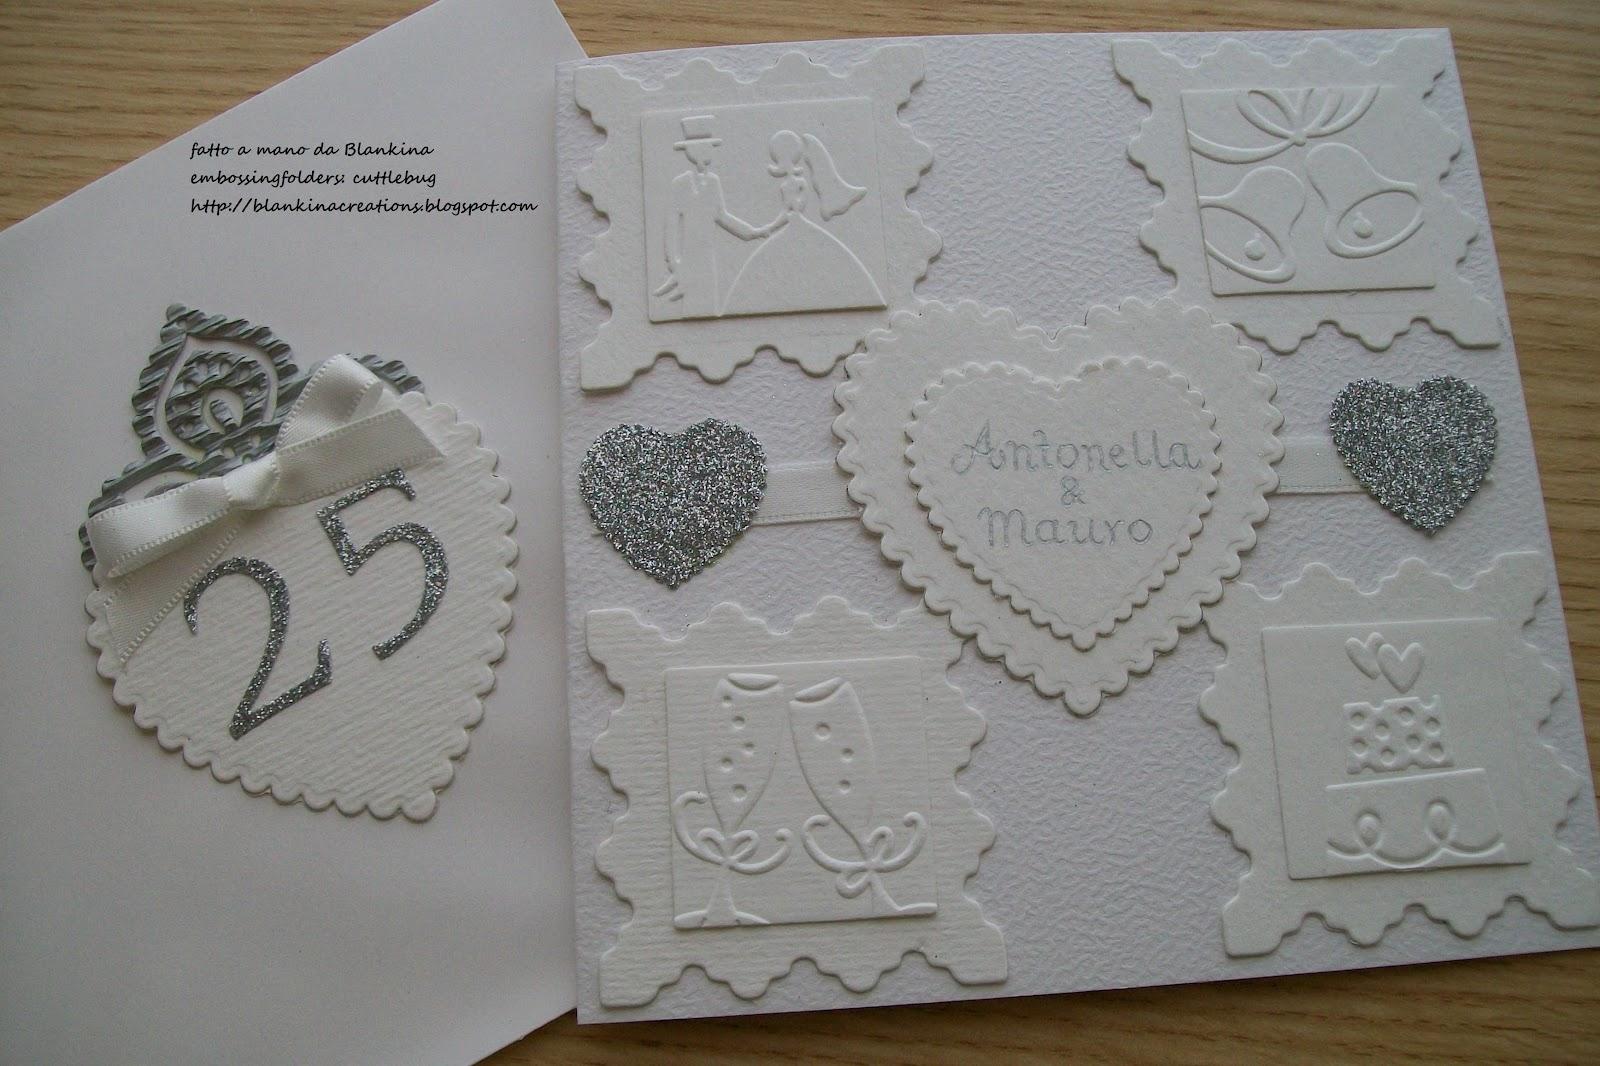 Blankina creations anniversario 25 anni di matrimonio for Anniversario matrimonio 25